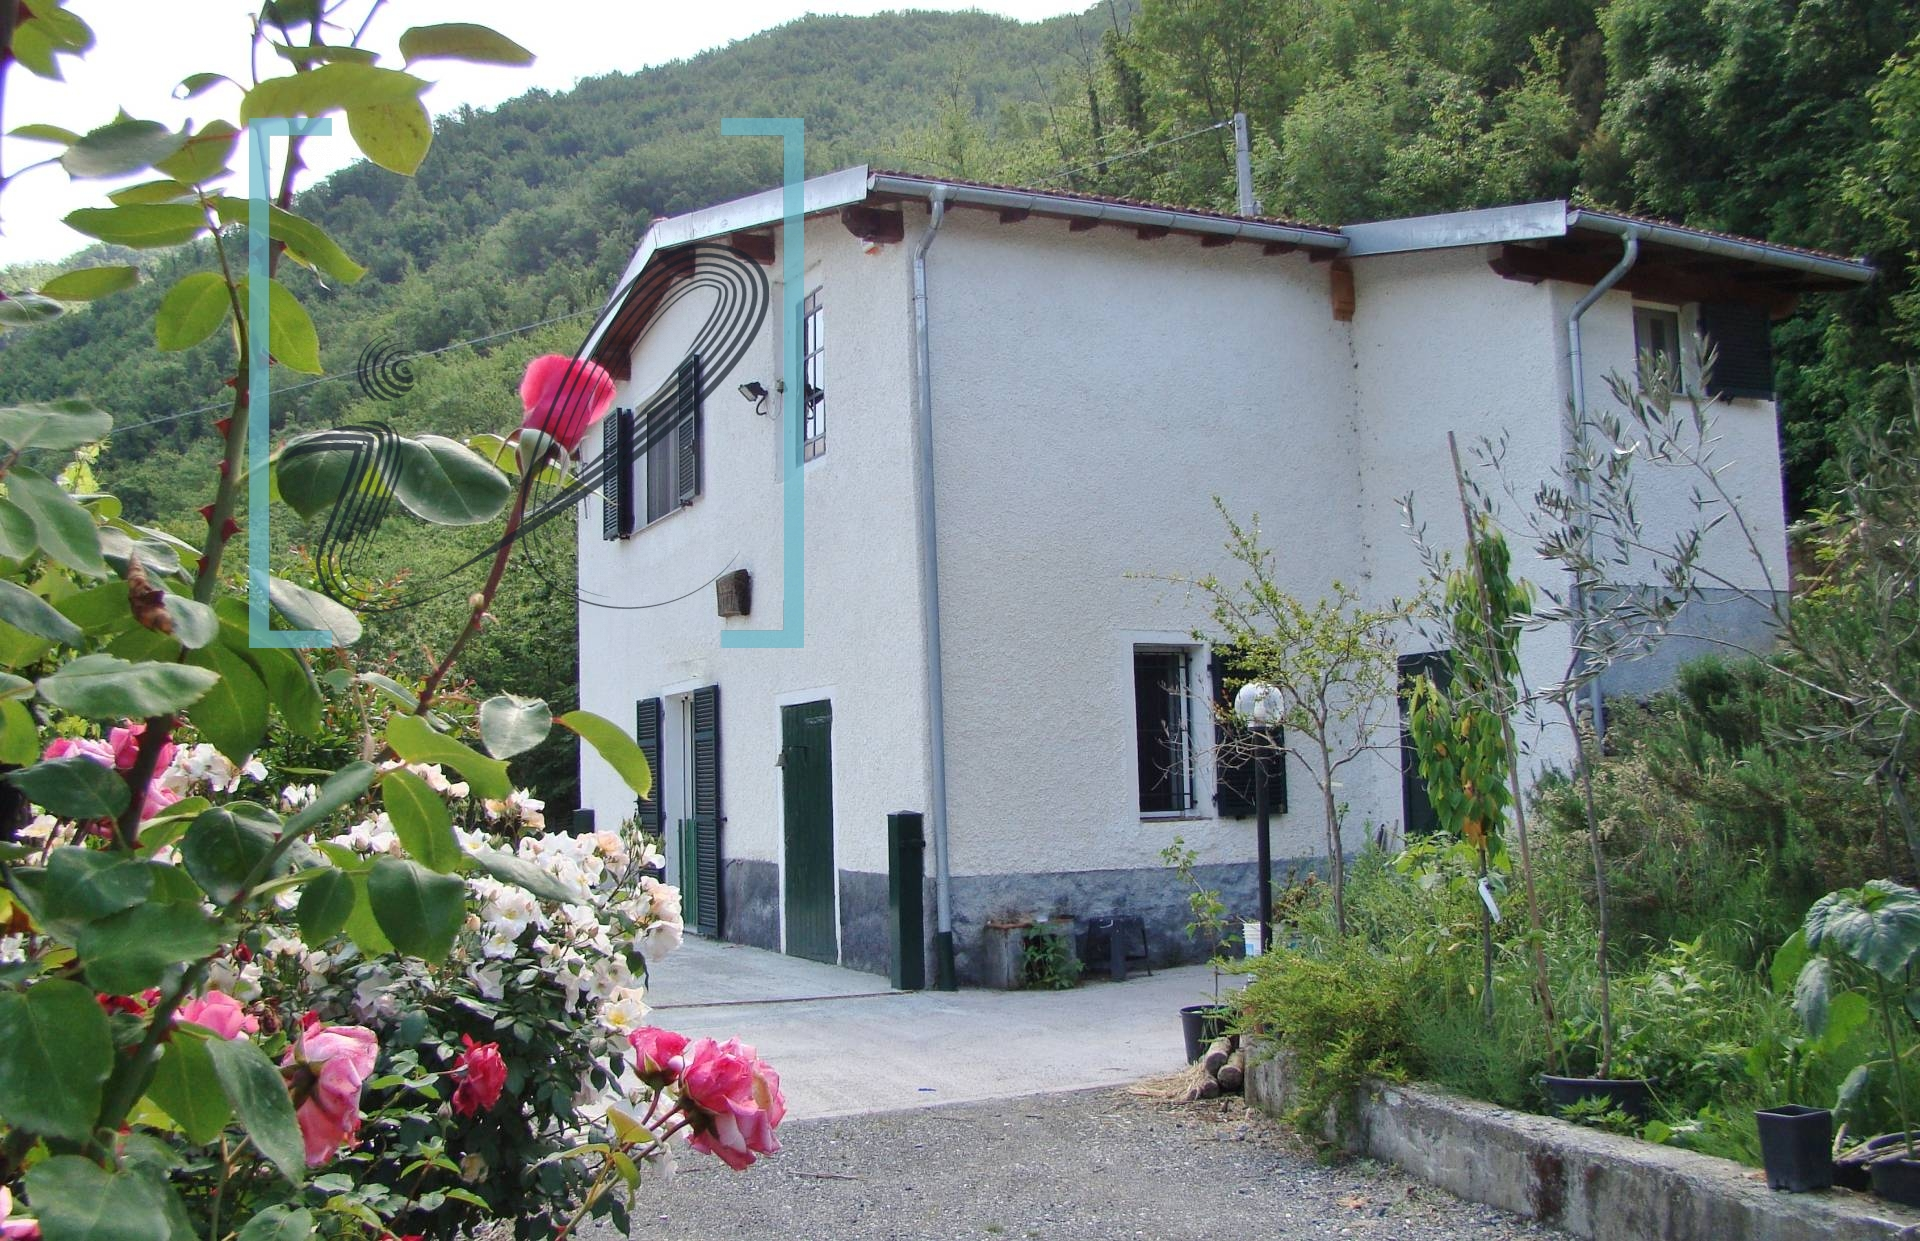 Villa in vendita a Vessalico, 5 locali, prezzo € 185.000 | CambioCasa.it